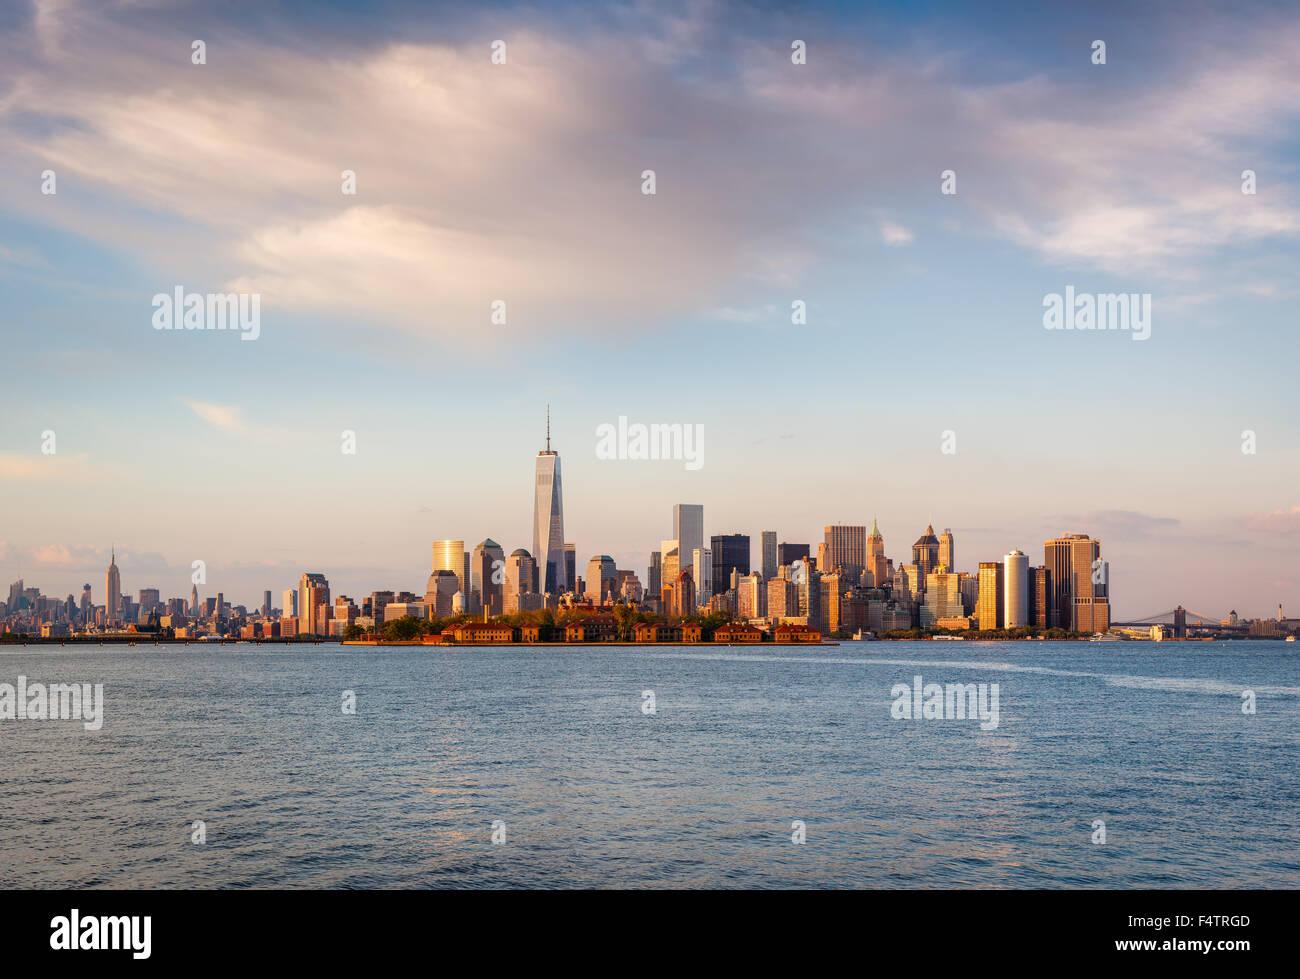 New Yorker Wolkenkratzer und Lower Manhattan Financial District im Abendlicht mit Battery Park und Ellis Island. Stockbild